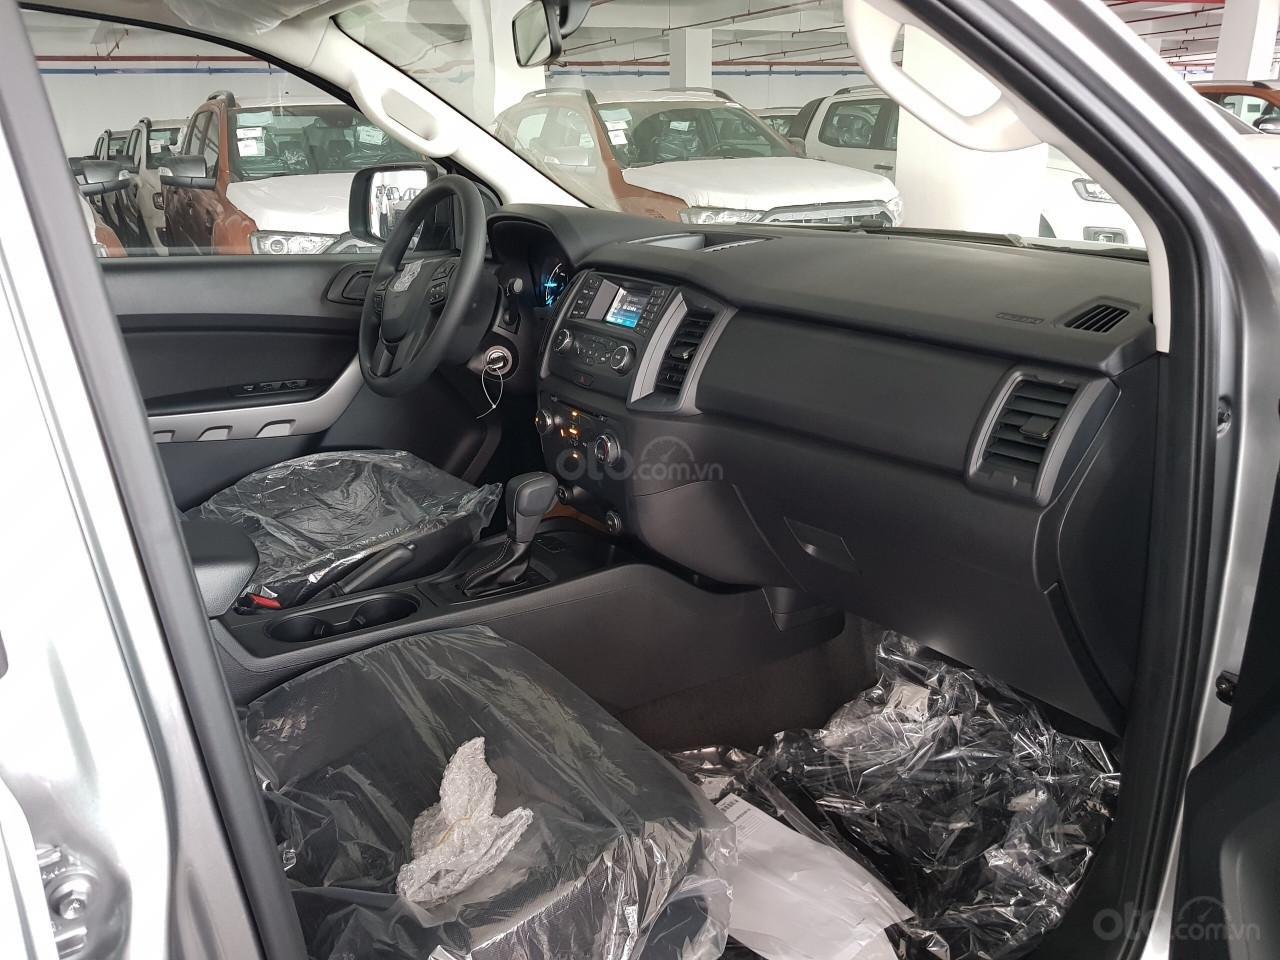 Bán Ford Ranger Ranger XLS AT đời 2019, đủ màu, giao xe tháng 10/2019 nhập khẩu nguyên chiếc, giá tốt (4)